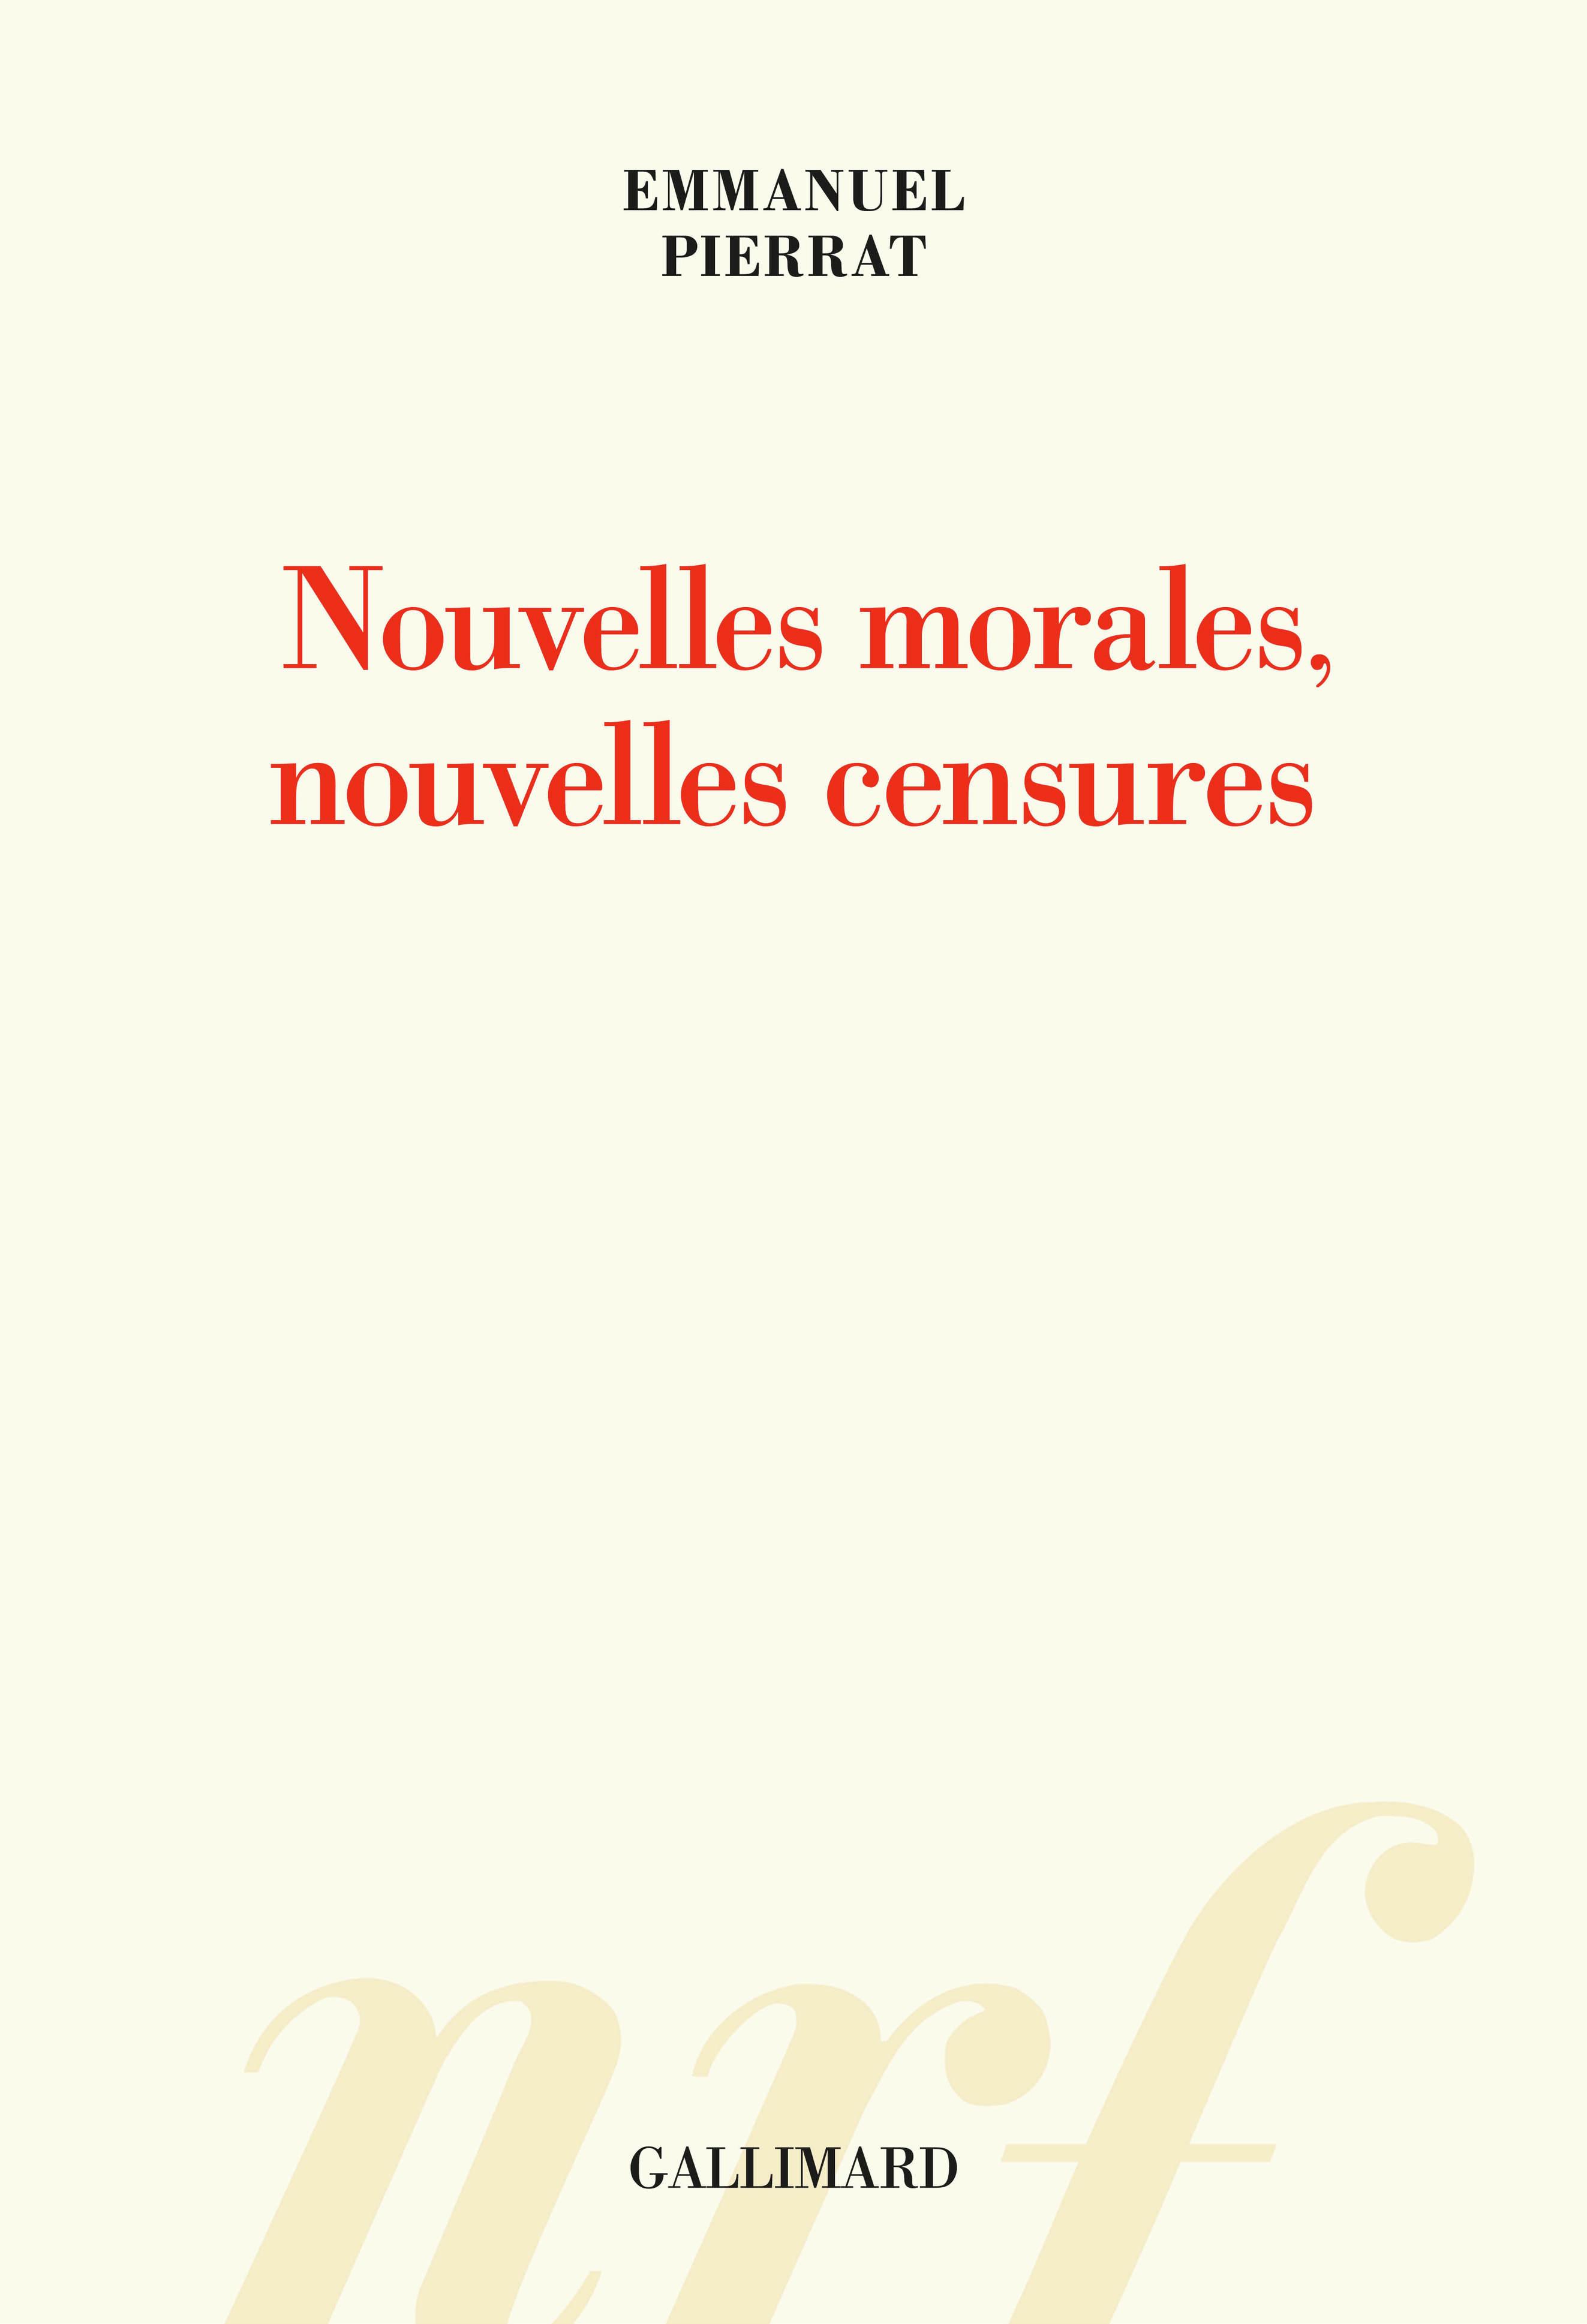 E. Pierrat, Nouvelles morales, nouvelles censures